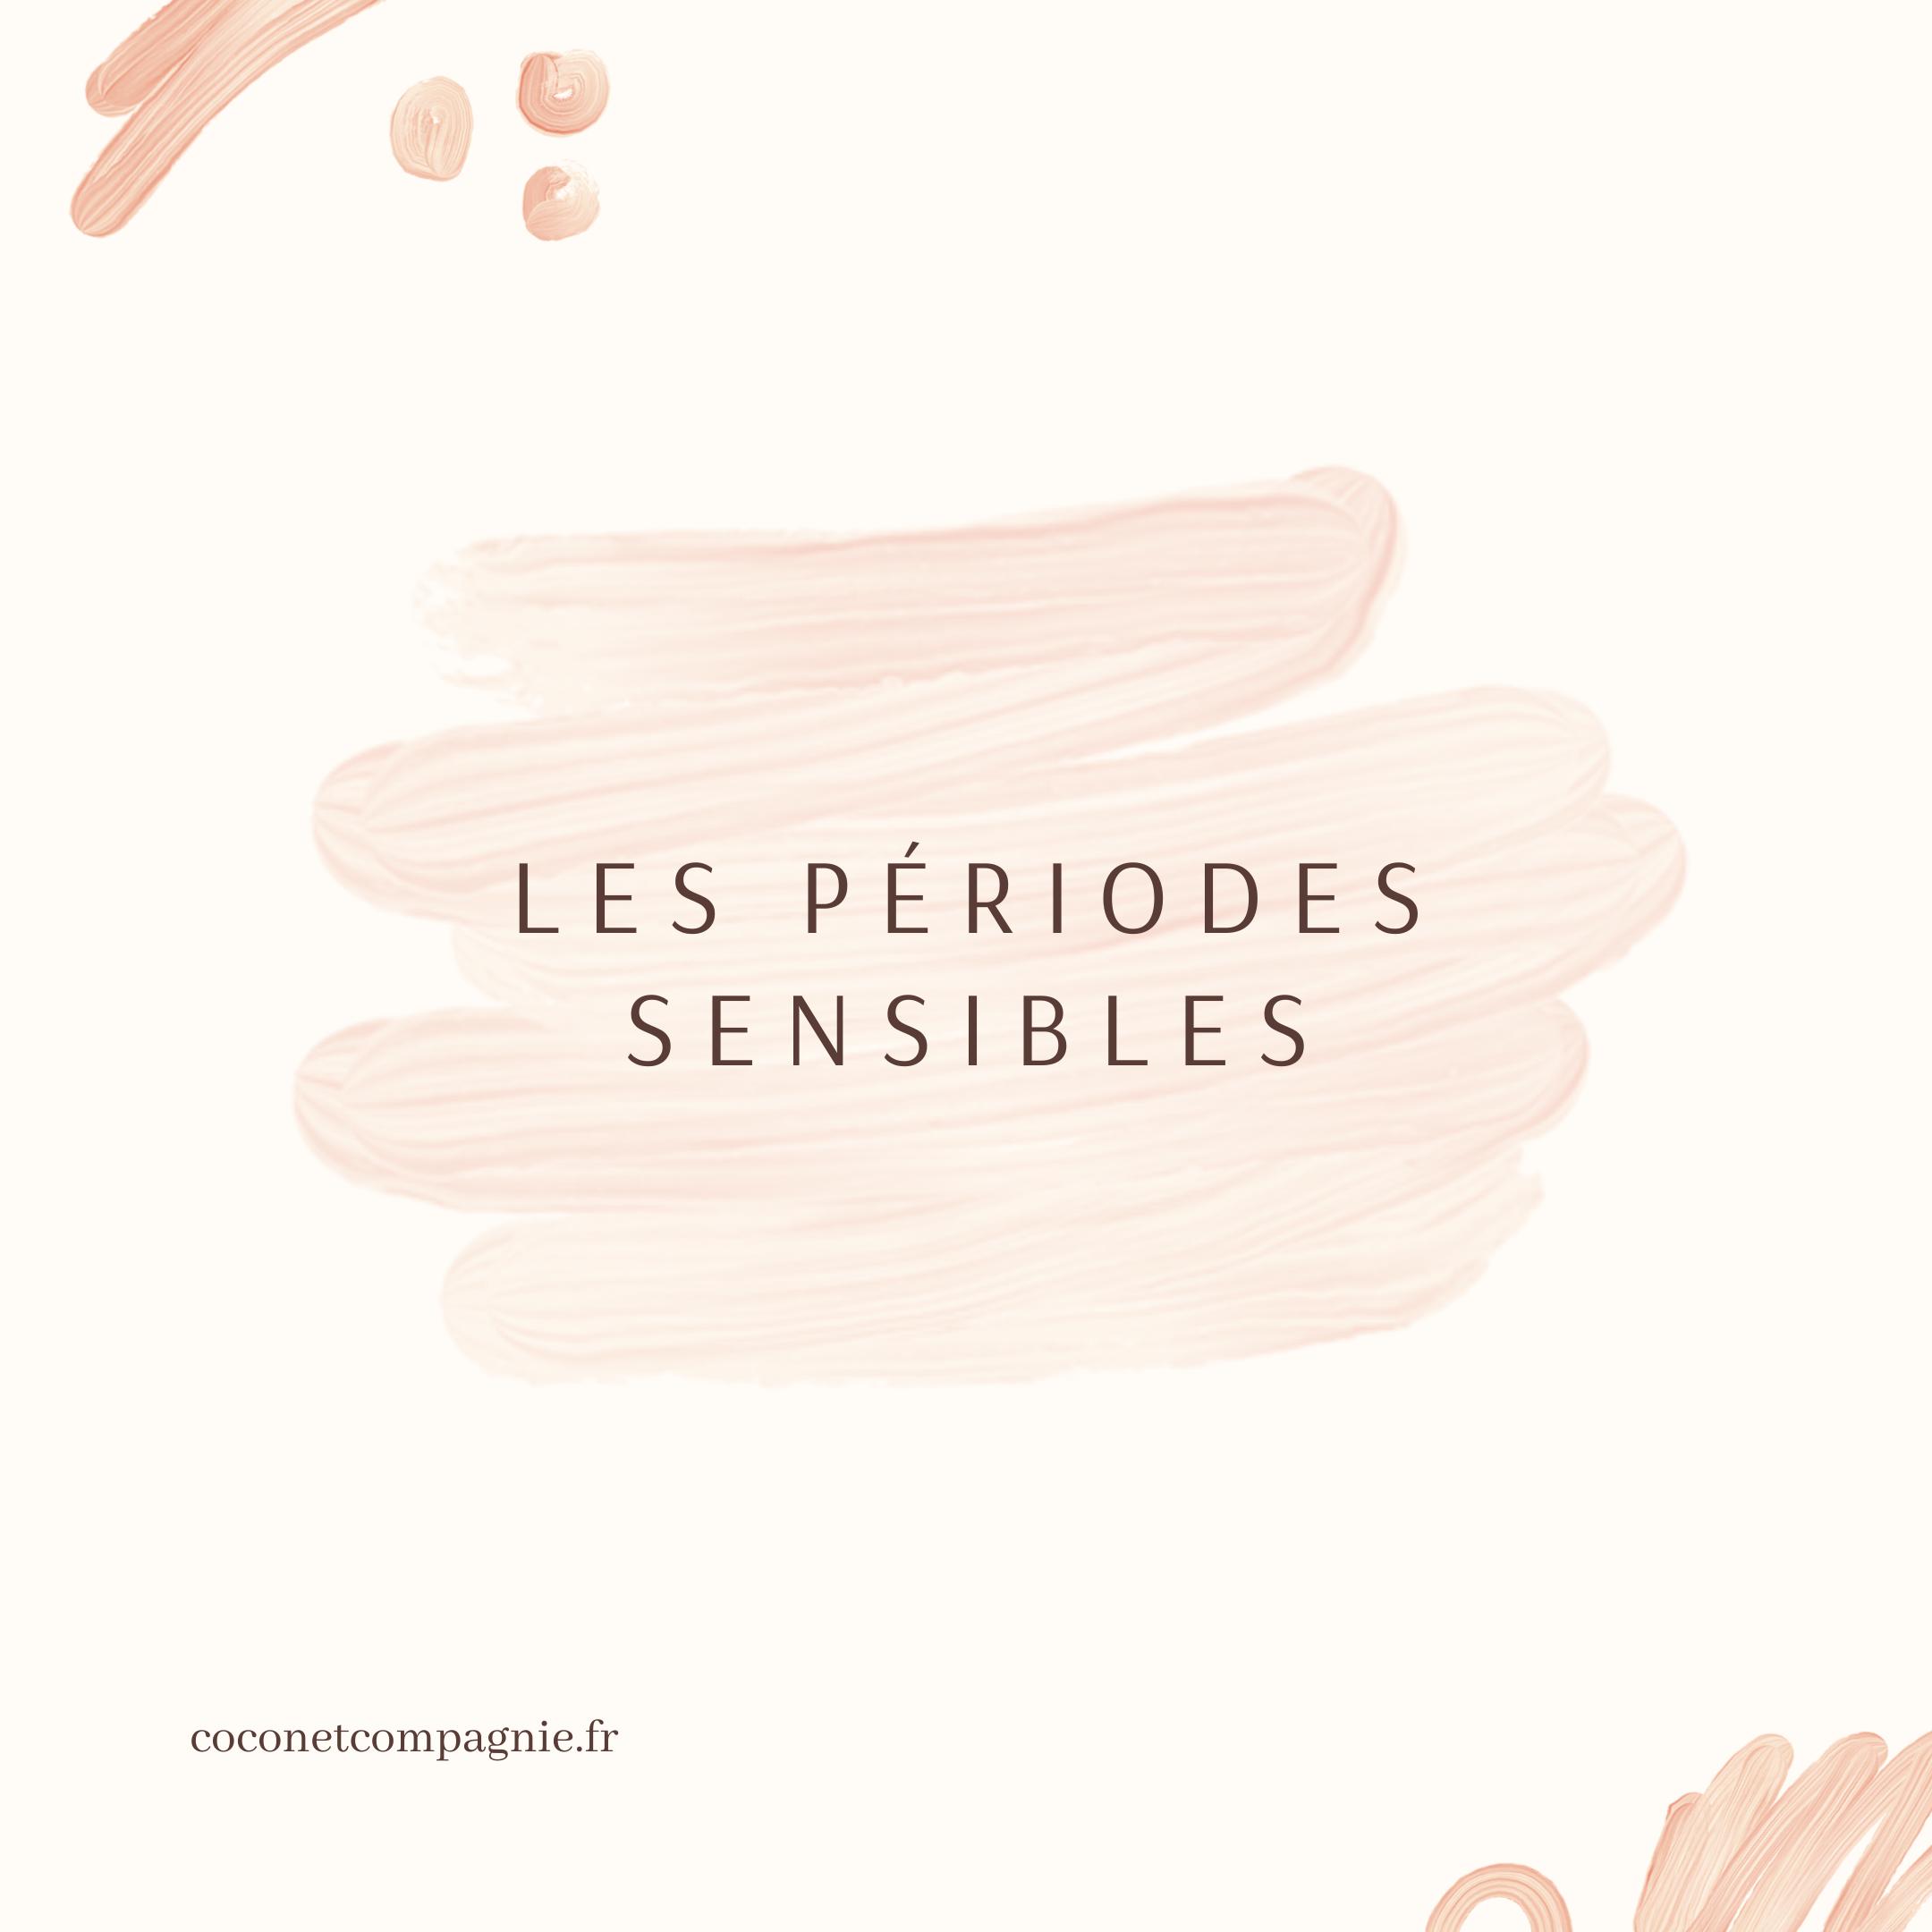 periode_sensible_montessori_cocon_compagnie